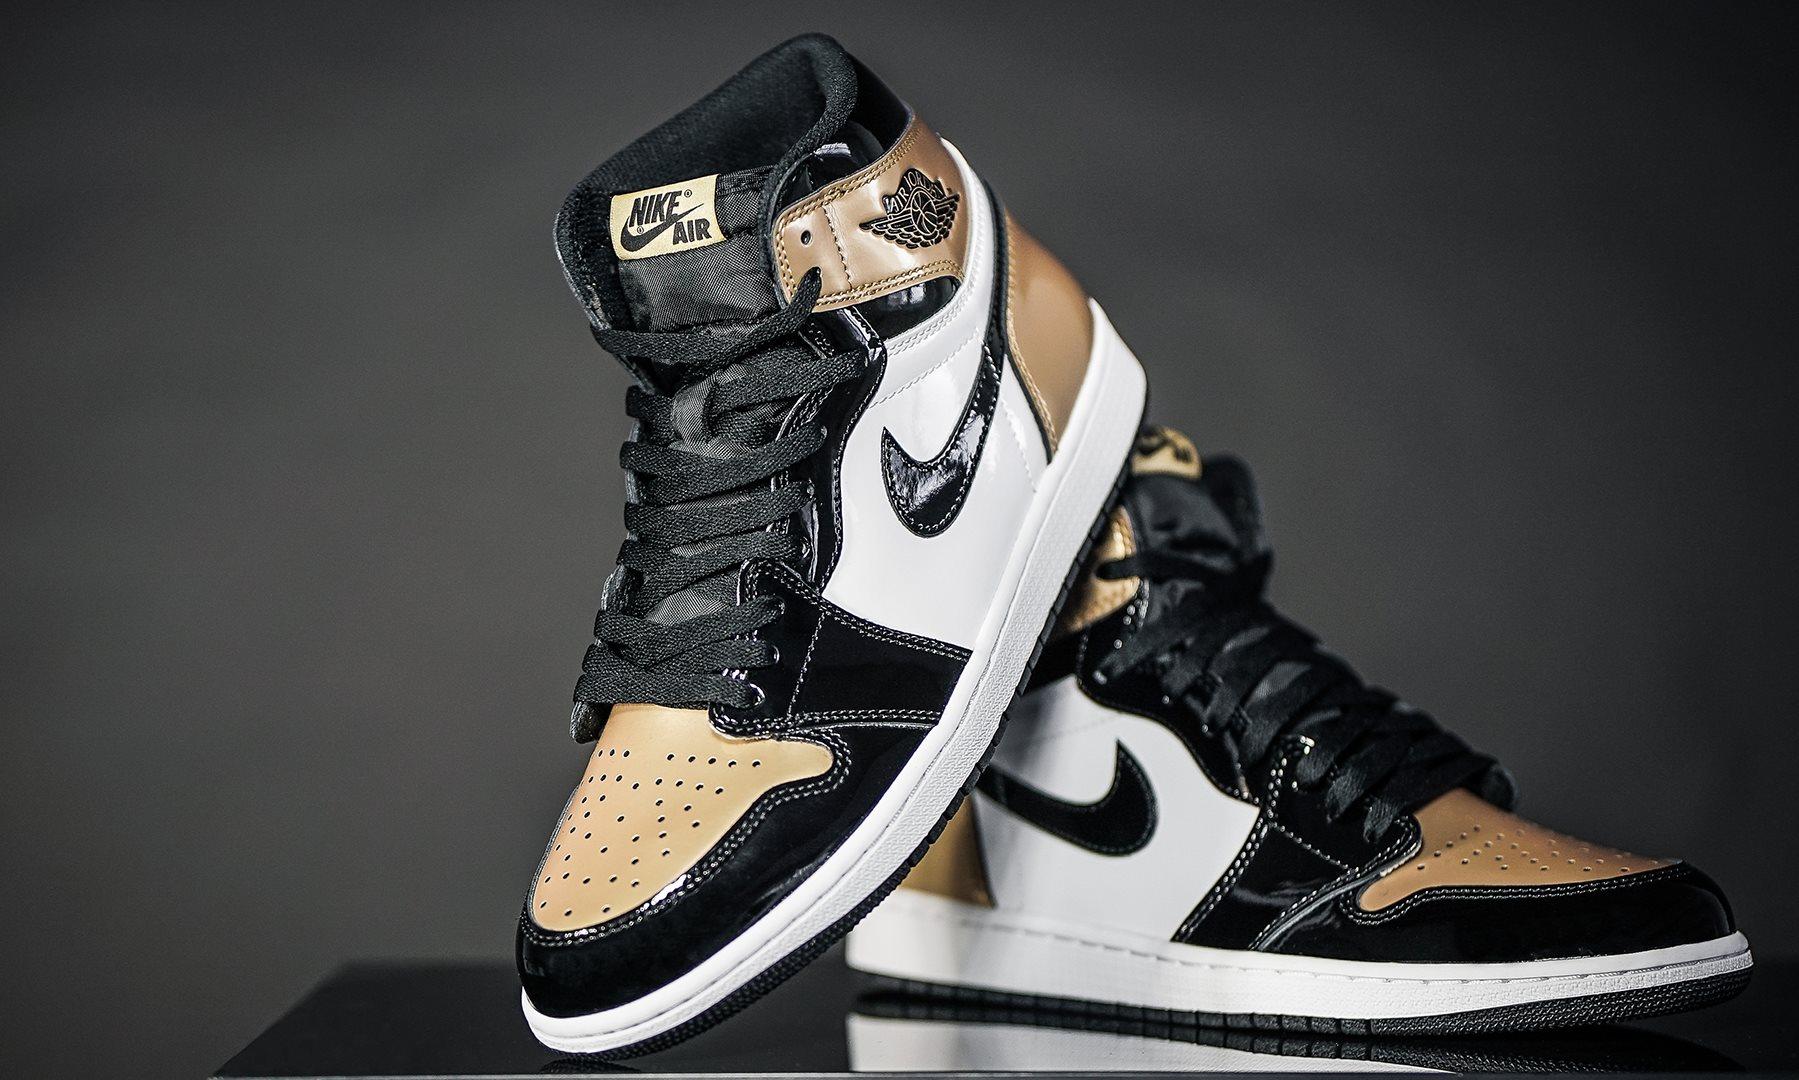 reputable site db018 f2e5a Air Jordan 1 Retro High OG Gold Toe • KicksOnFire.com